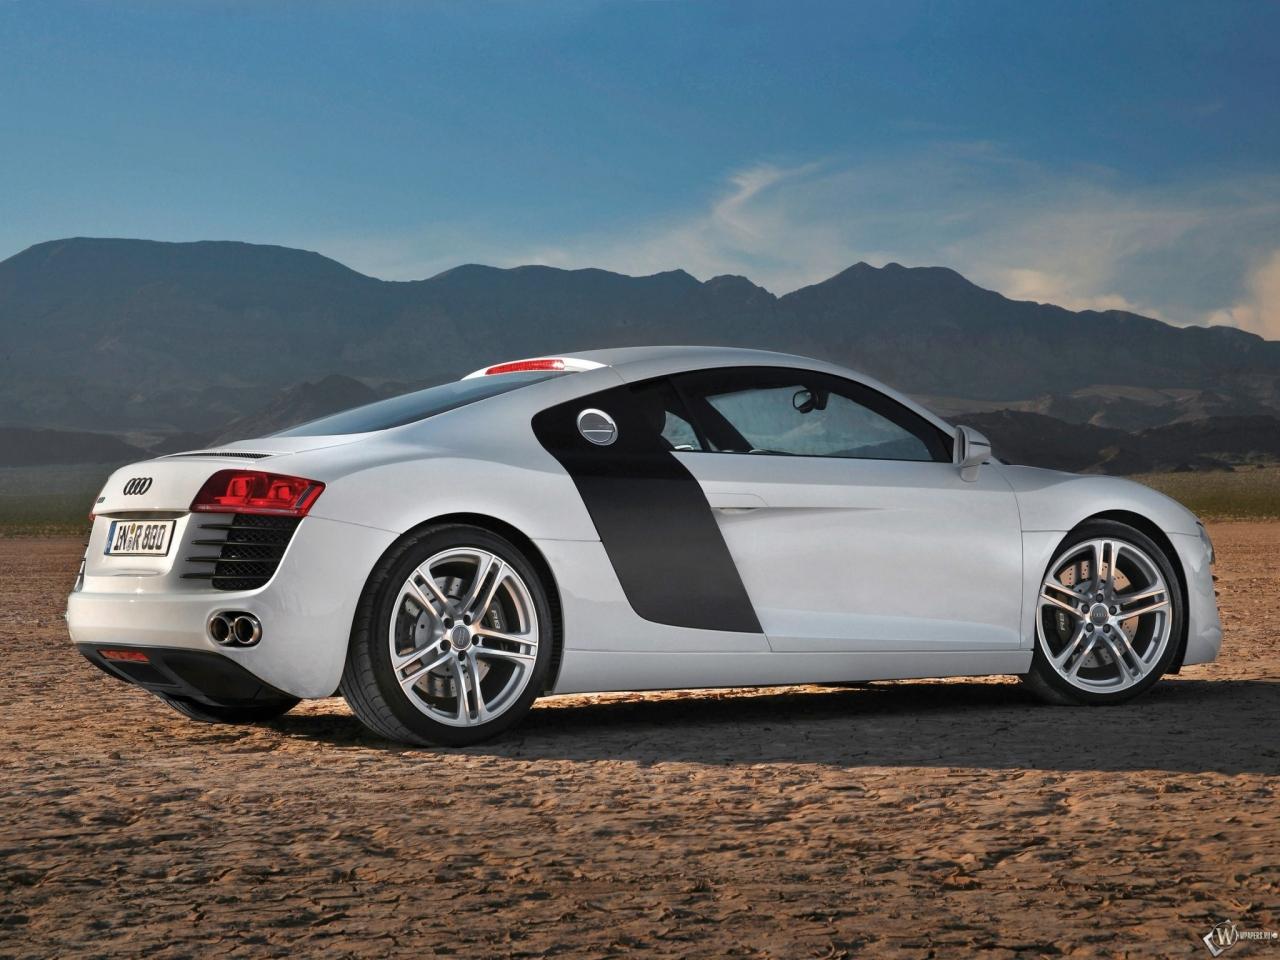 Audi R8 (2007) 1280x960